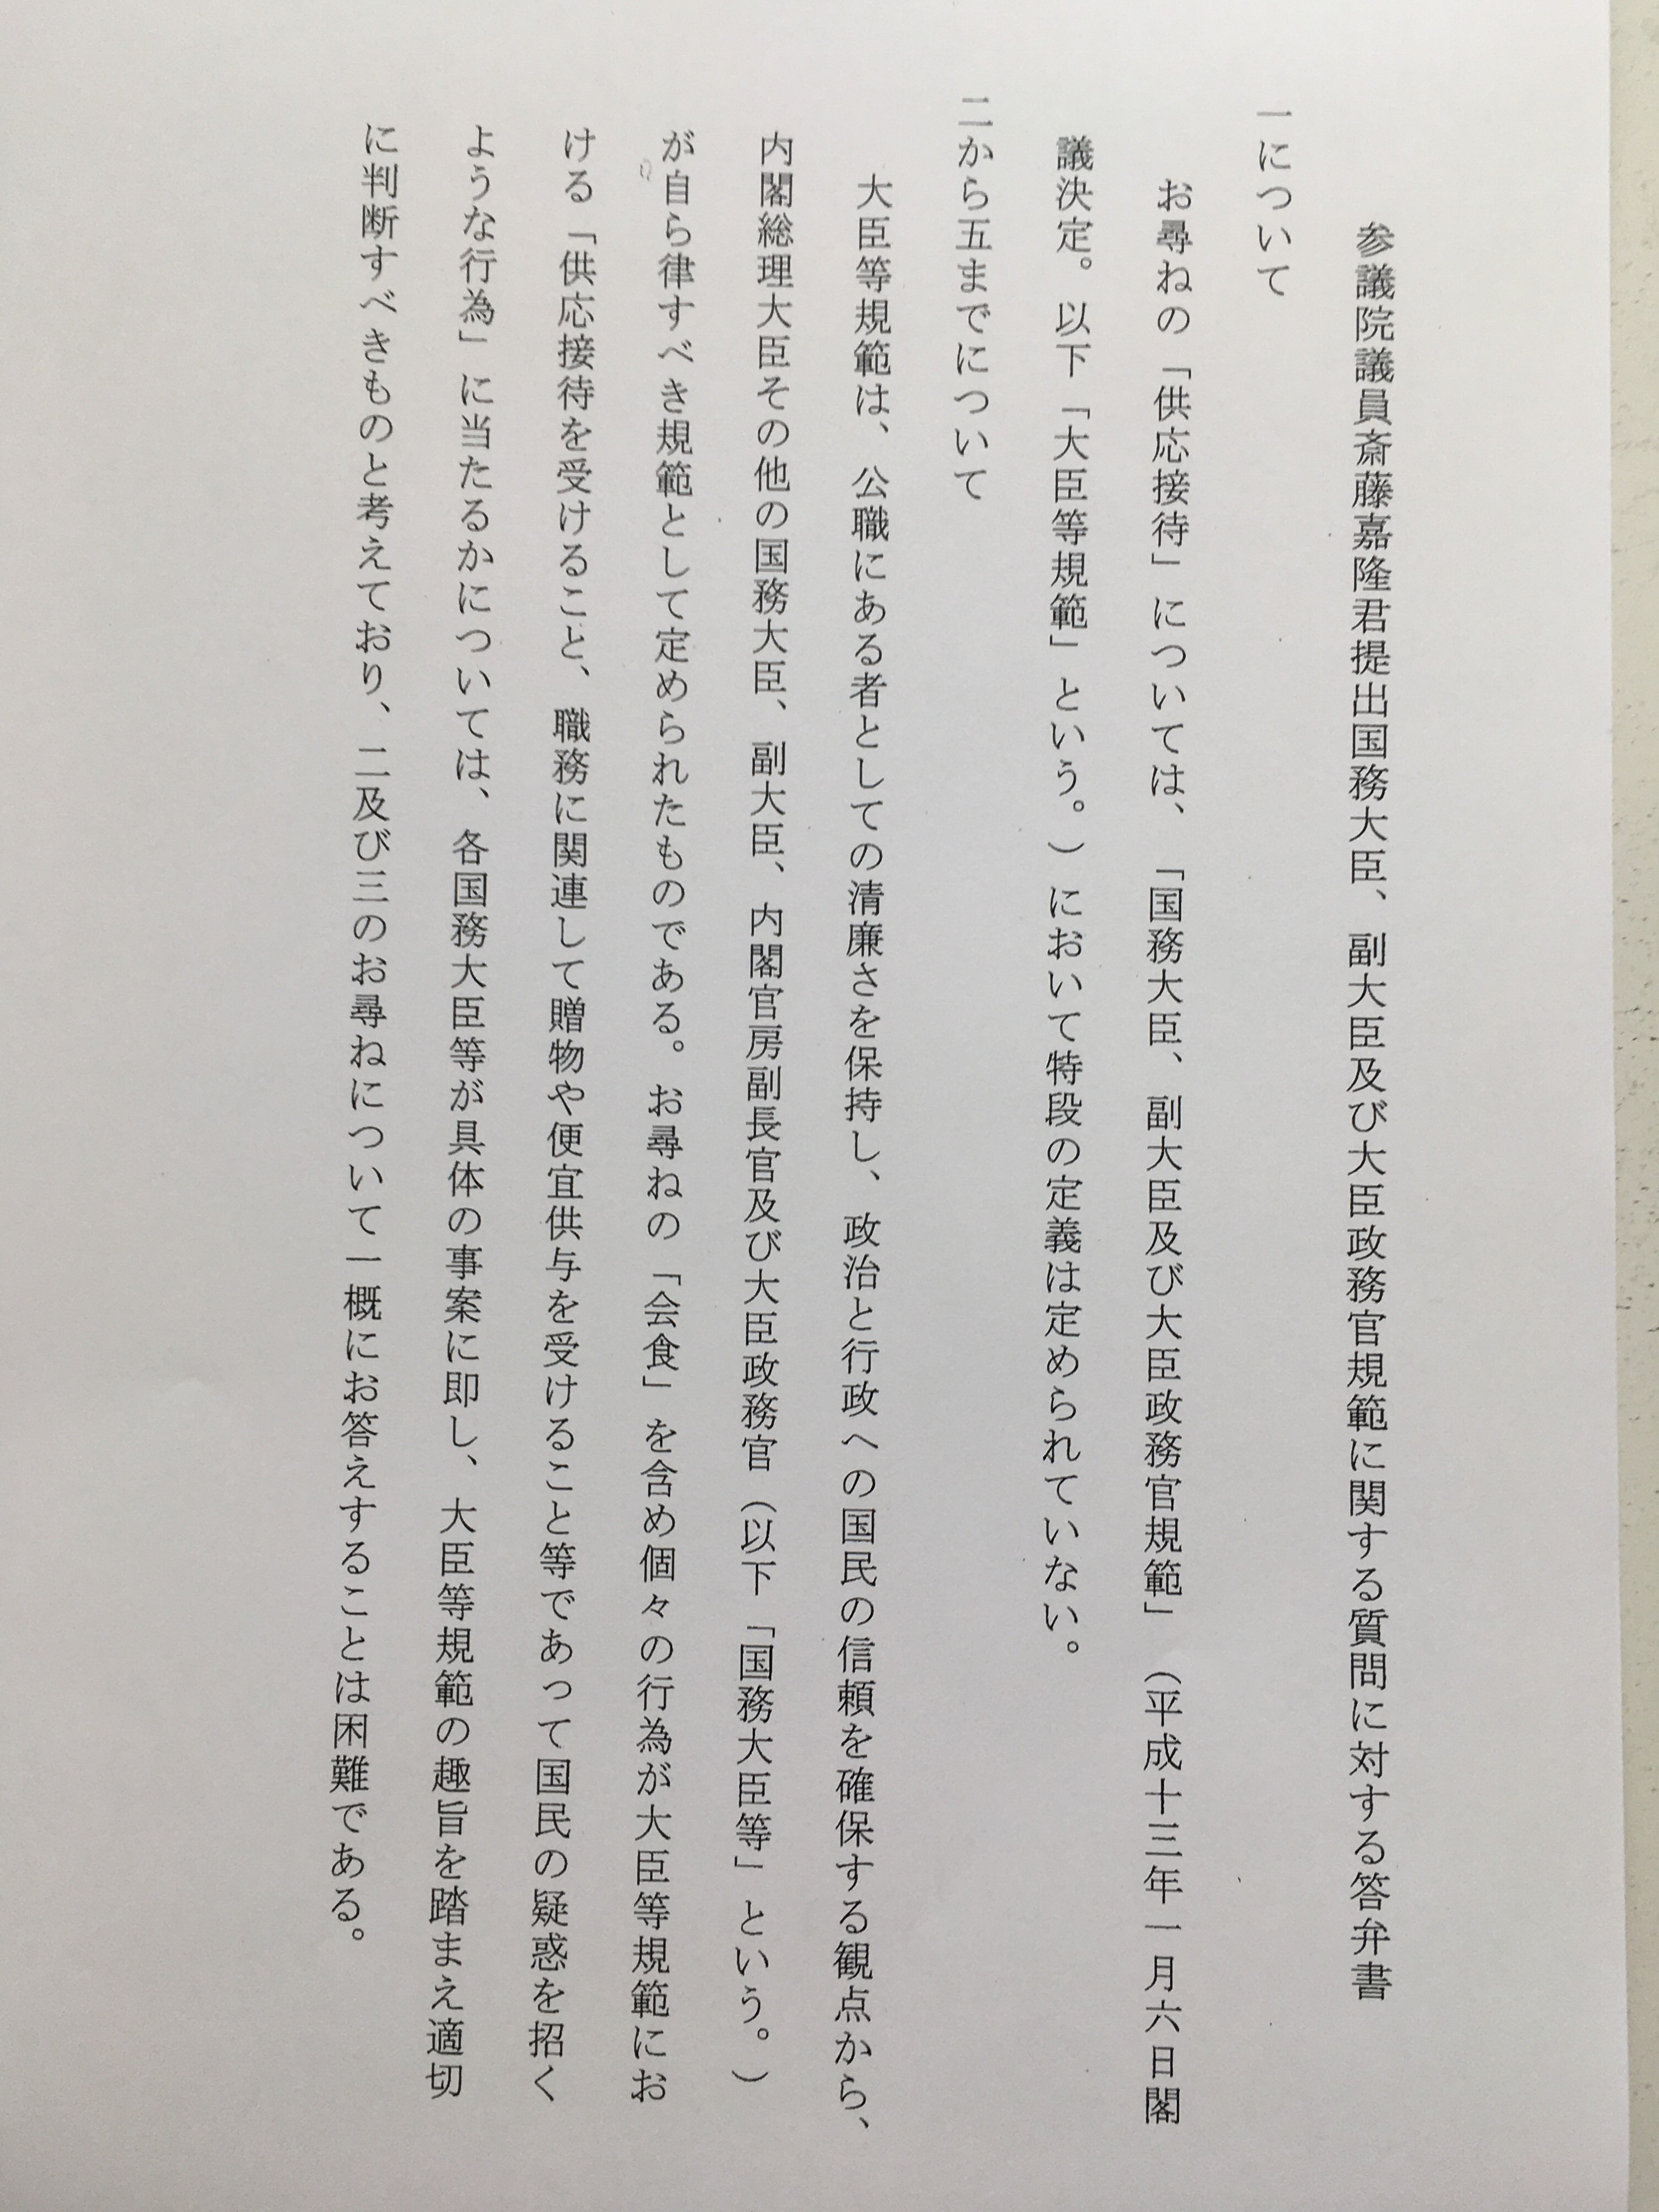 大臣規範に関する質問主意書